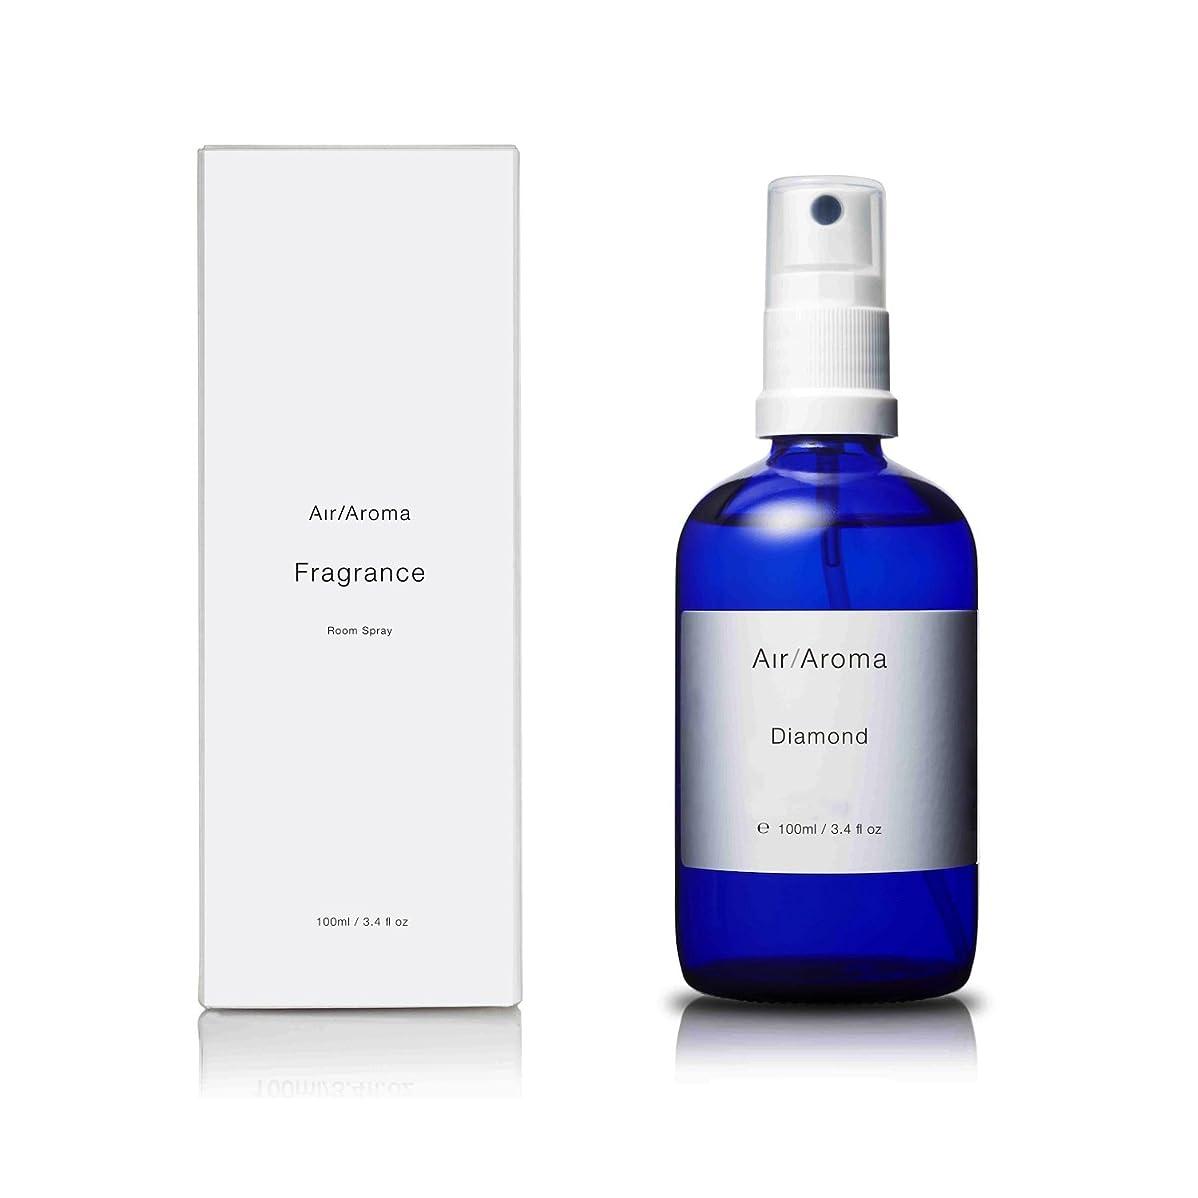 弓行進豪華なエアアロマ diamond room fragrance (ダイアモンド ルームフレグランス) 100ml